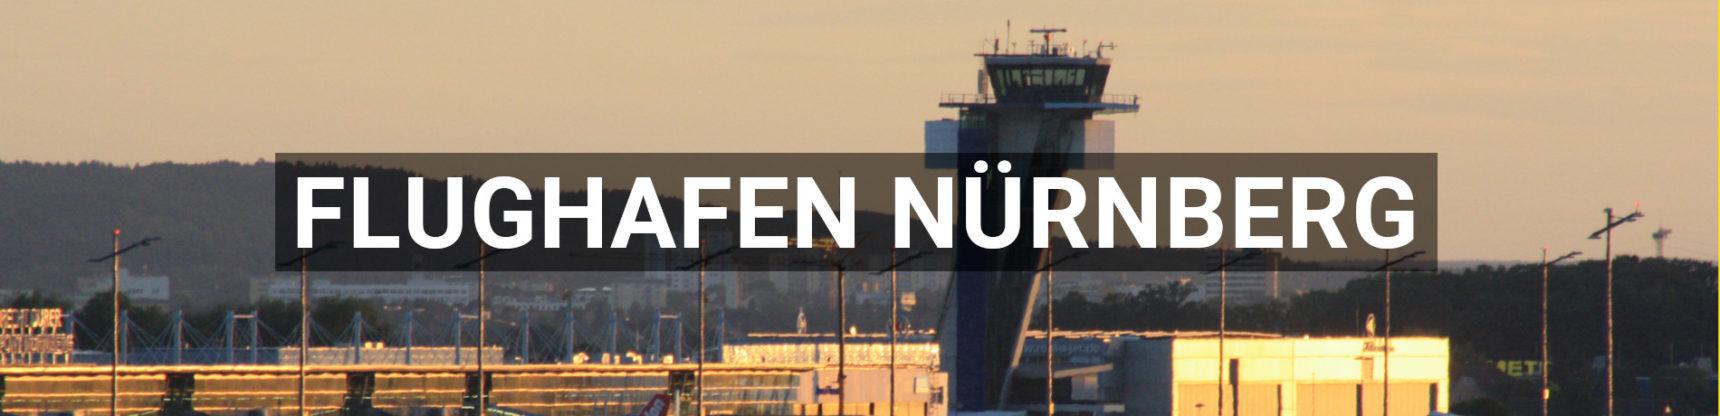 Flughafen-Nürnberg-header